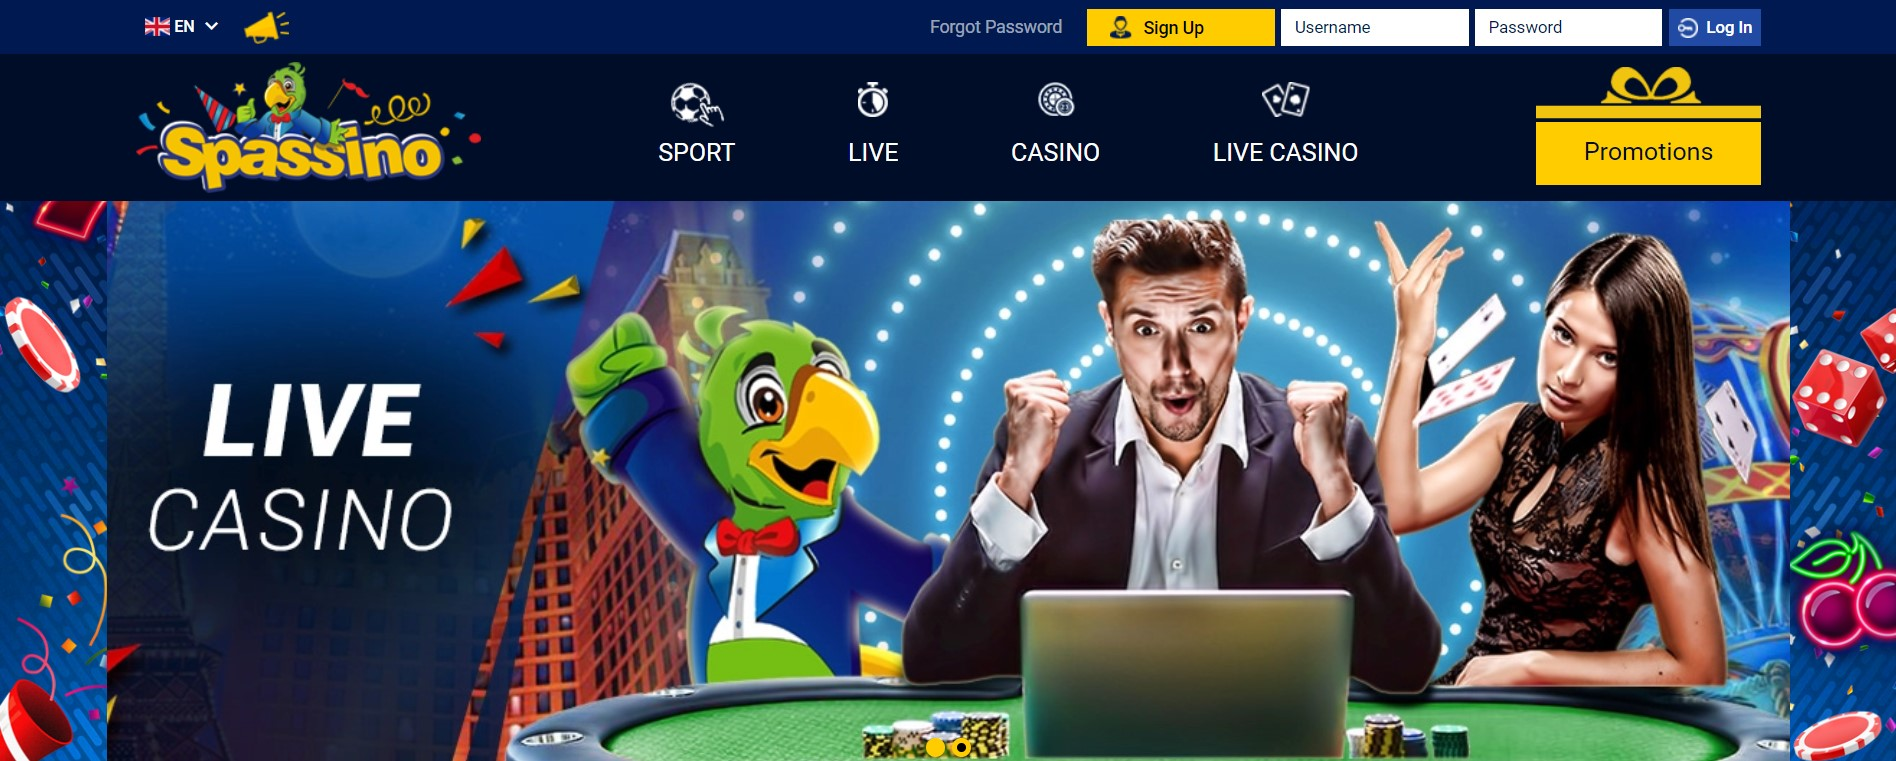 Spassino онлайн казино и ставки на спорт